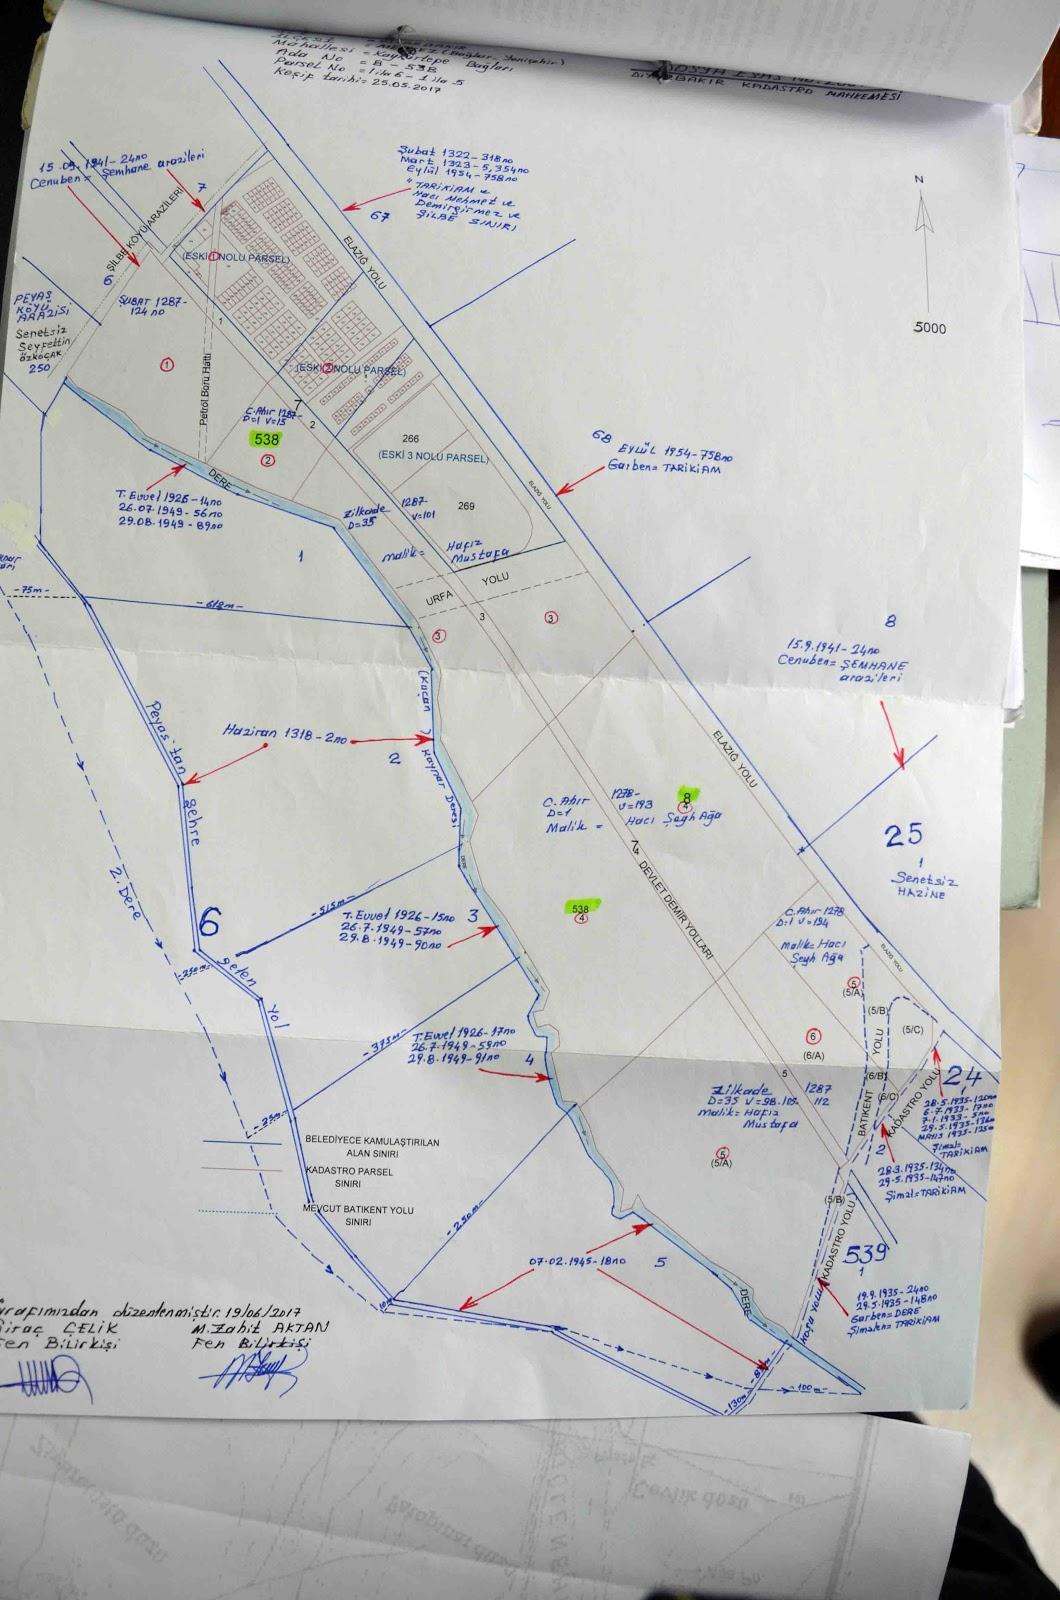 مخطط أراضي الأرمن في منطقة ديار بكر